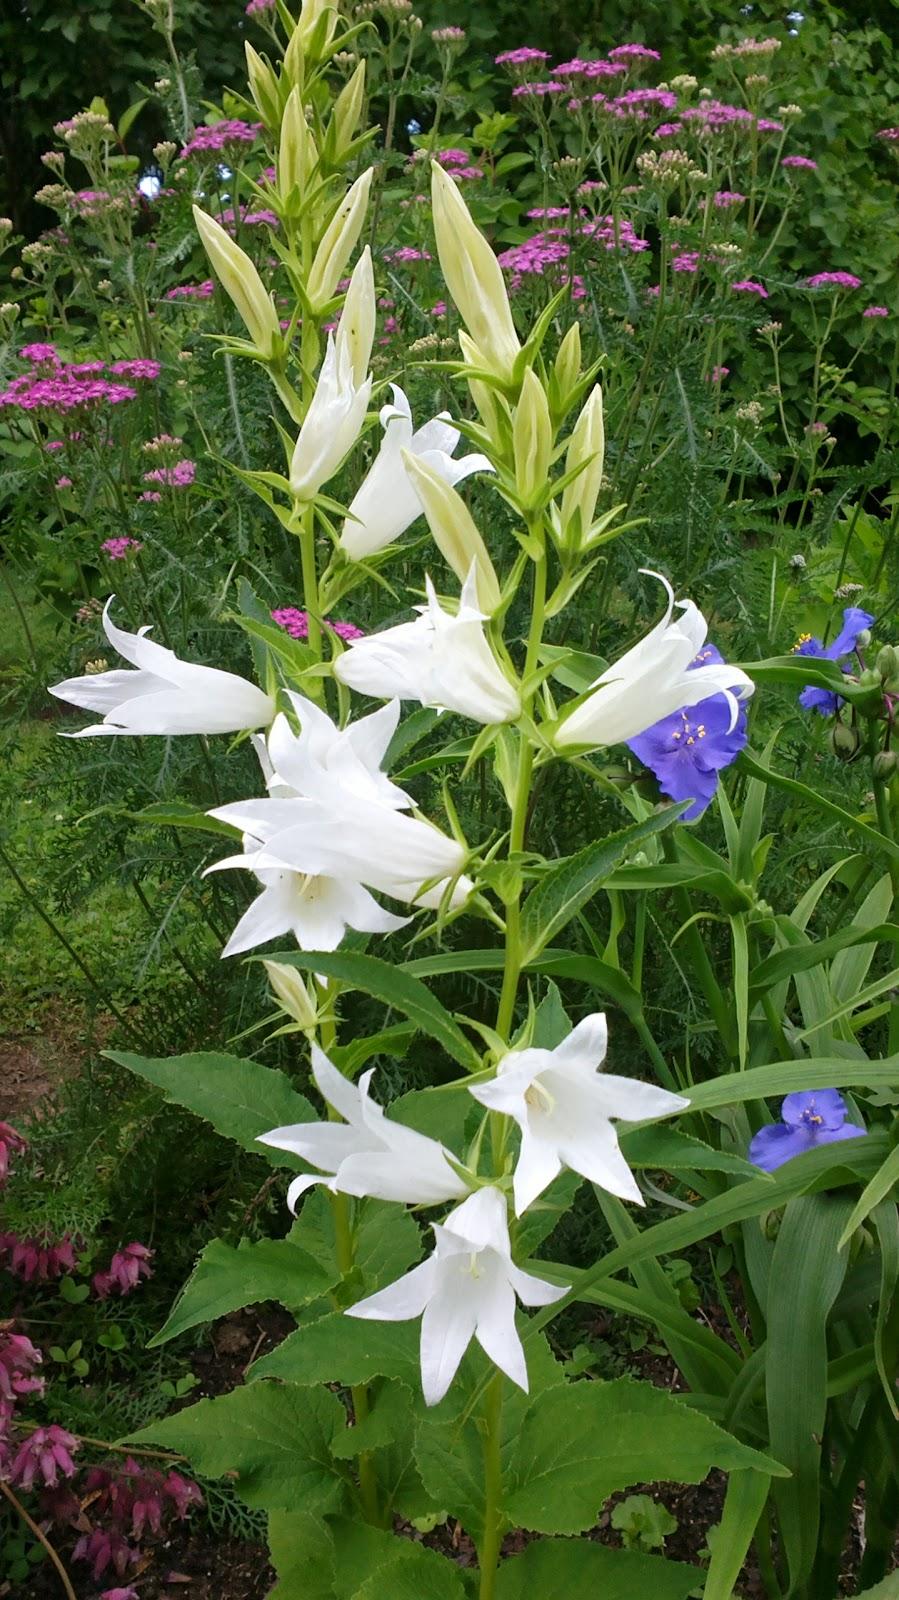 Ukonkello ja tarhajuoru kukkivat – Giant bellflowers and blue stones are blooming